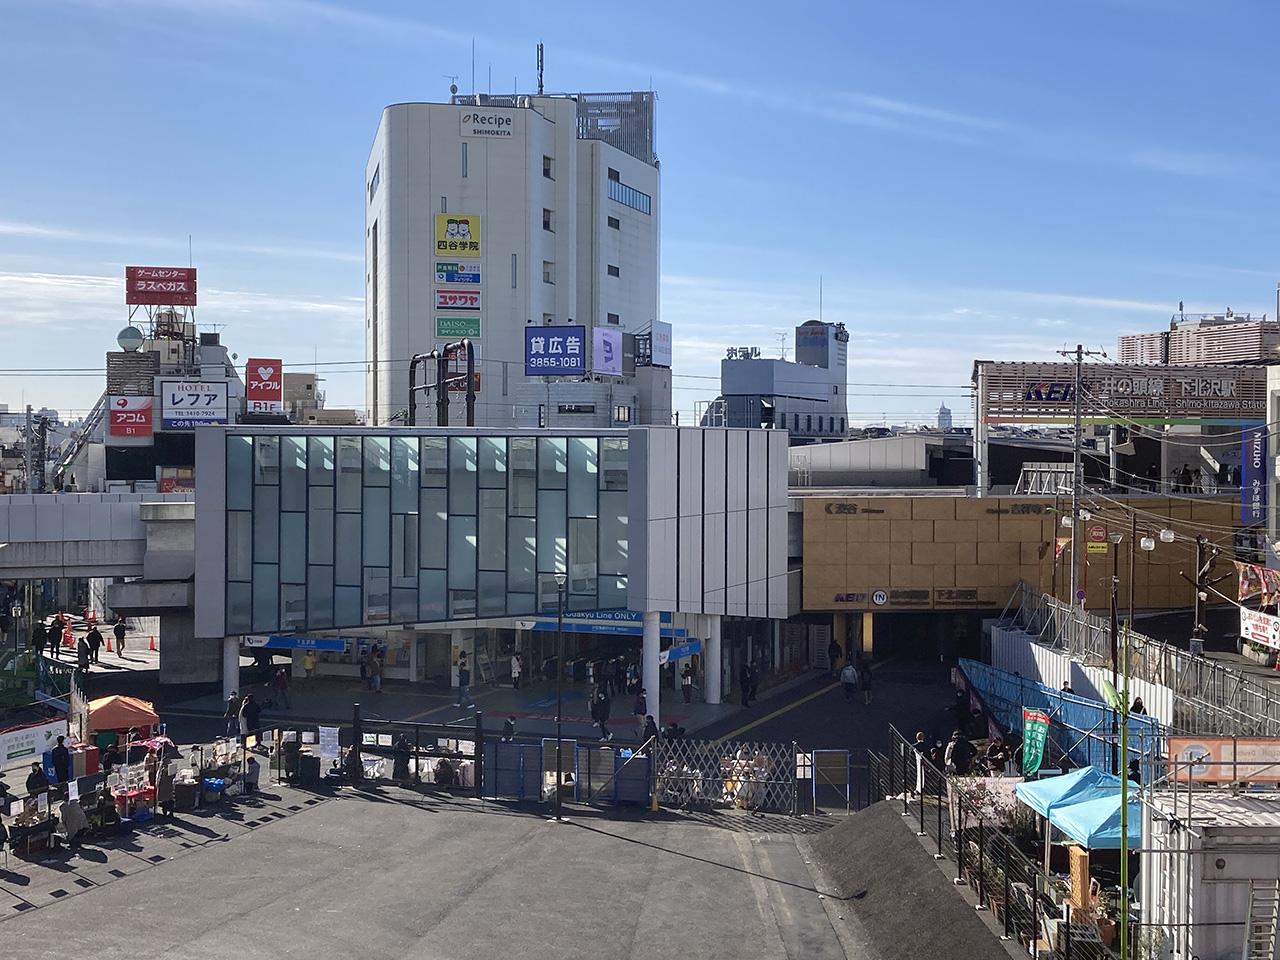 【下北沢駅周辺を歩いてみた】再開発で生まれ変わる文化の発信地